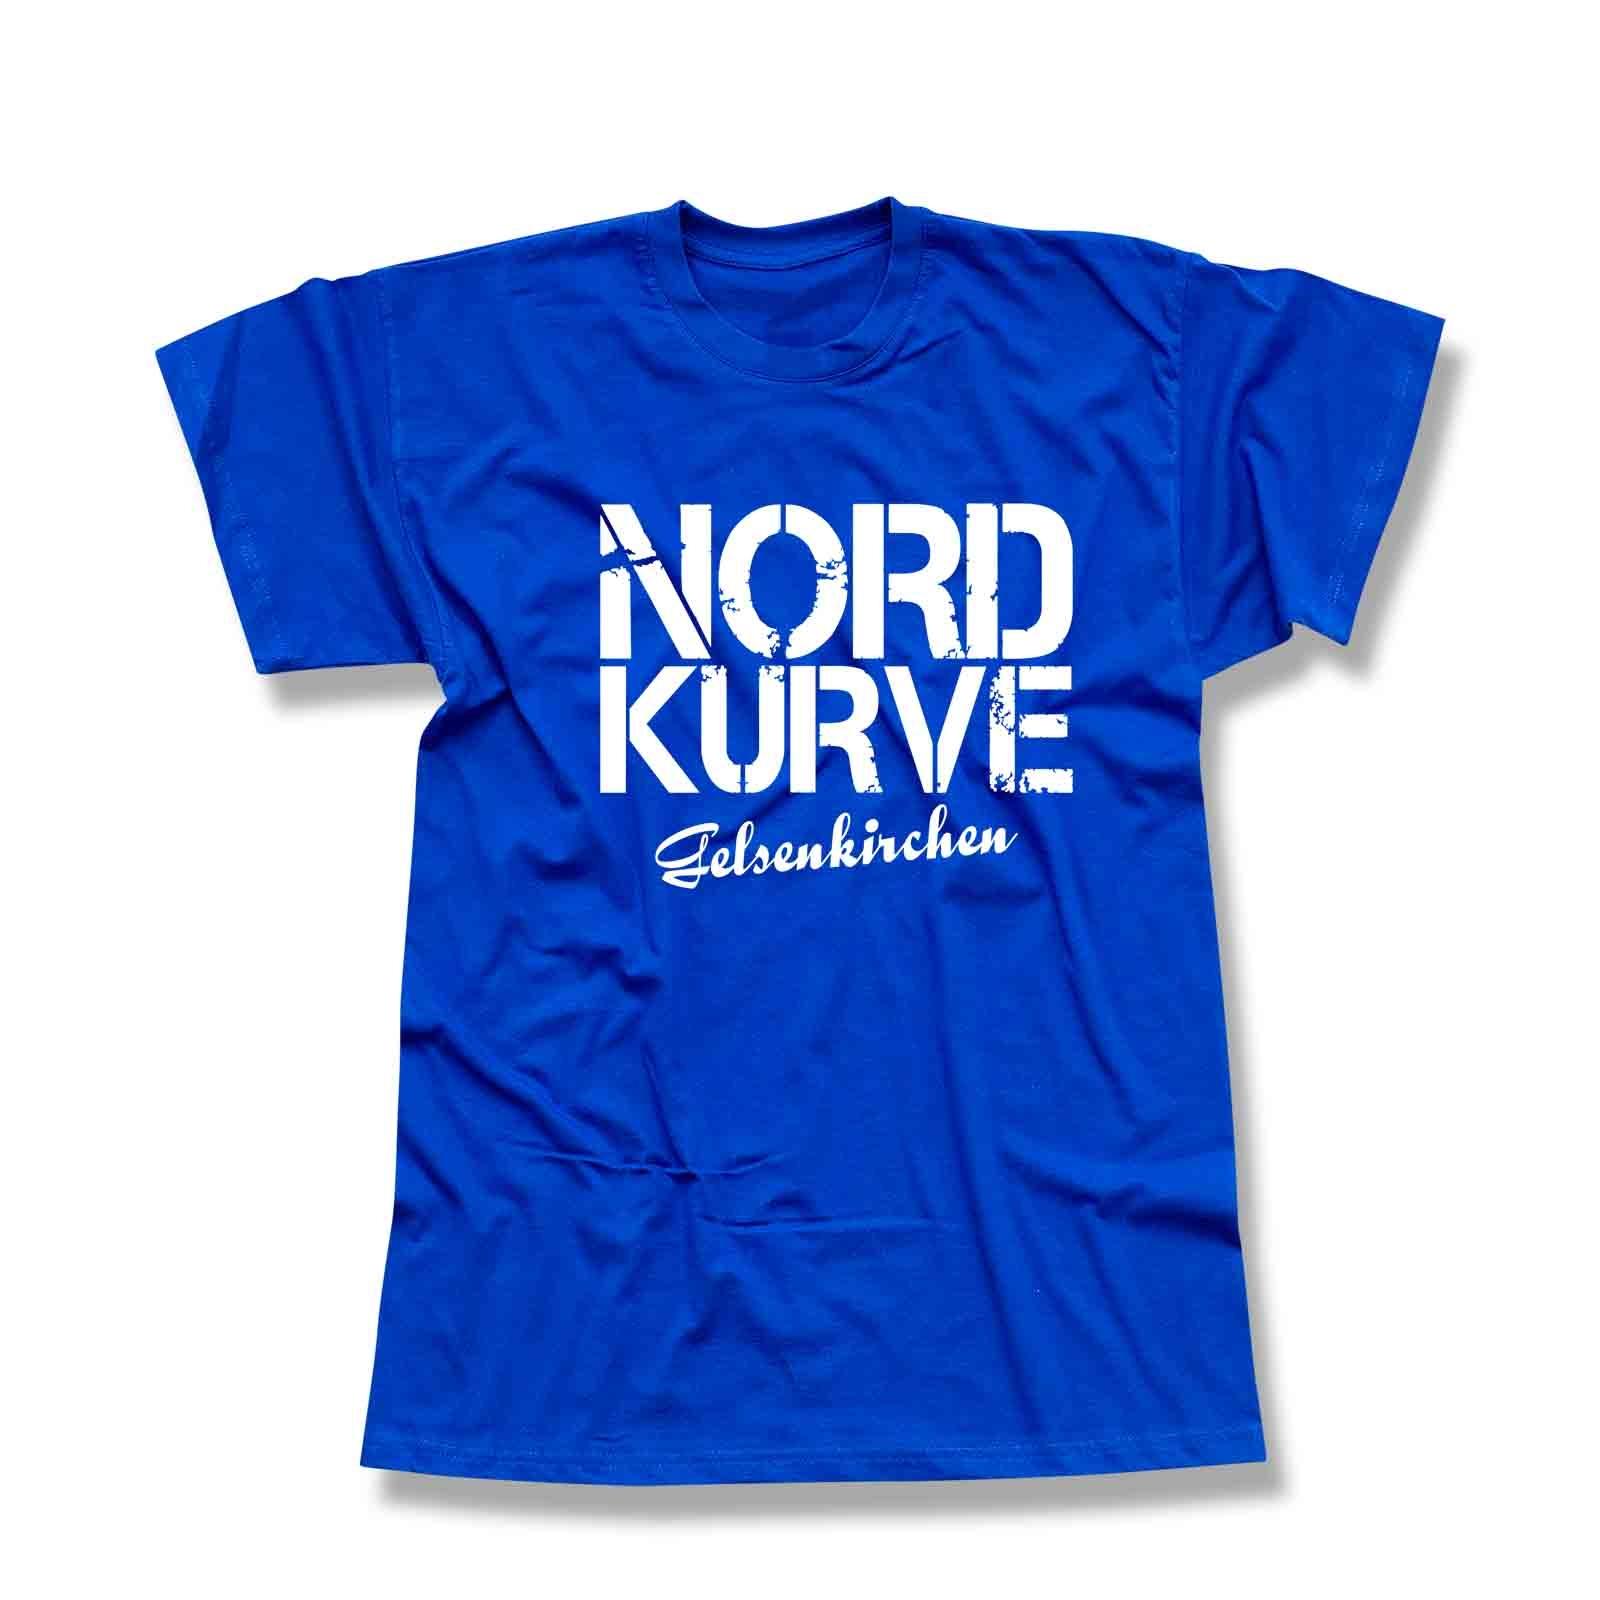 5e229b481a6edb T-Shirt Nordkurve Gelsenkirchen Ultras Fussball Buliga 13 Farben Herren XS  - 5XL